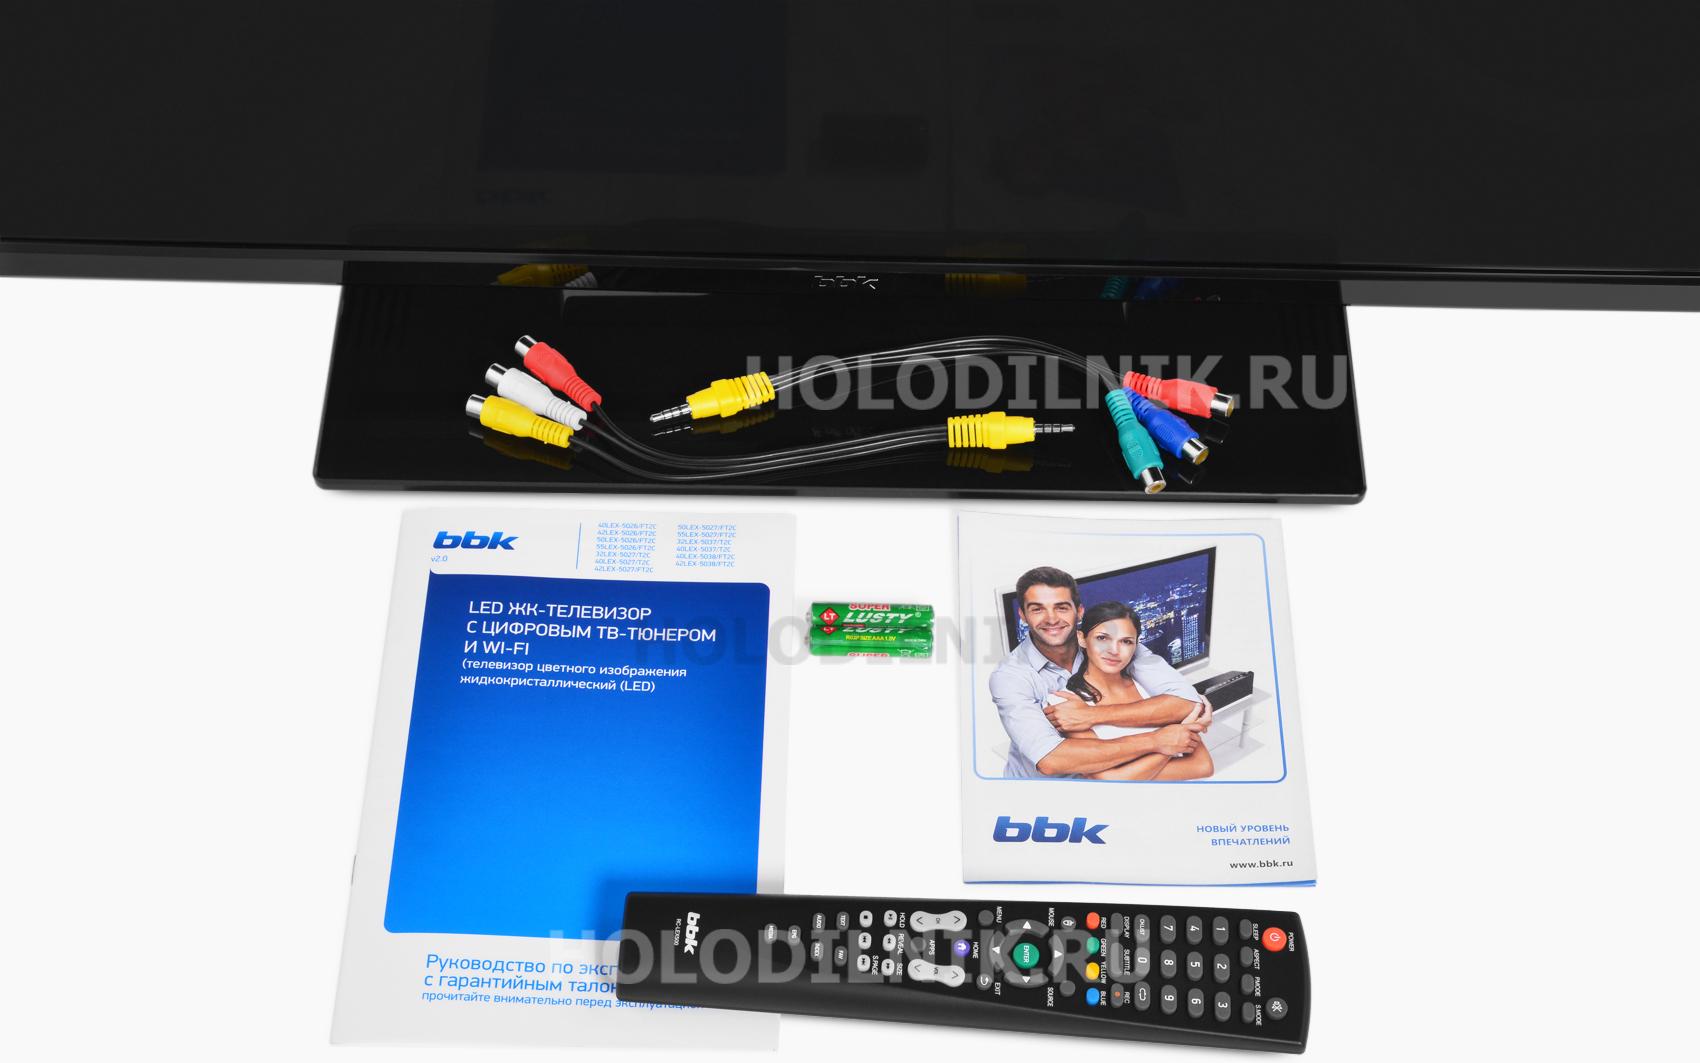 LED телевизор BBK 40 LEX-5026/FT2C черный купить в интернет-магазине Холодильник.Ру с доставкой по Тольятти, характеристики, фот